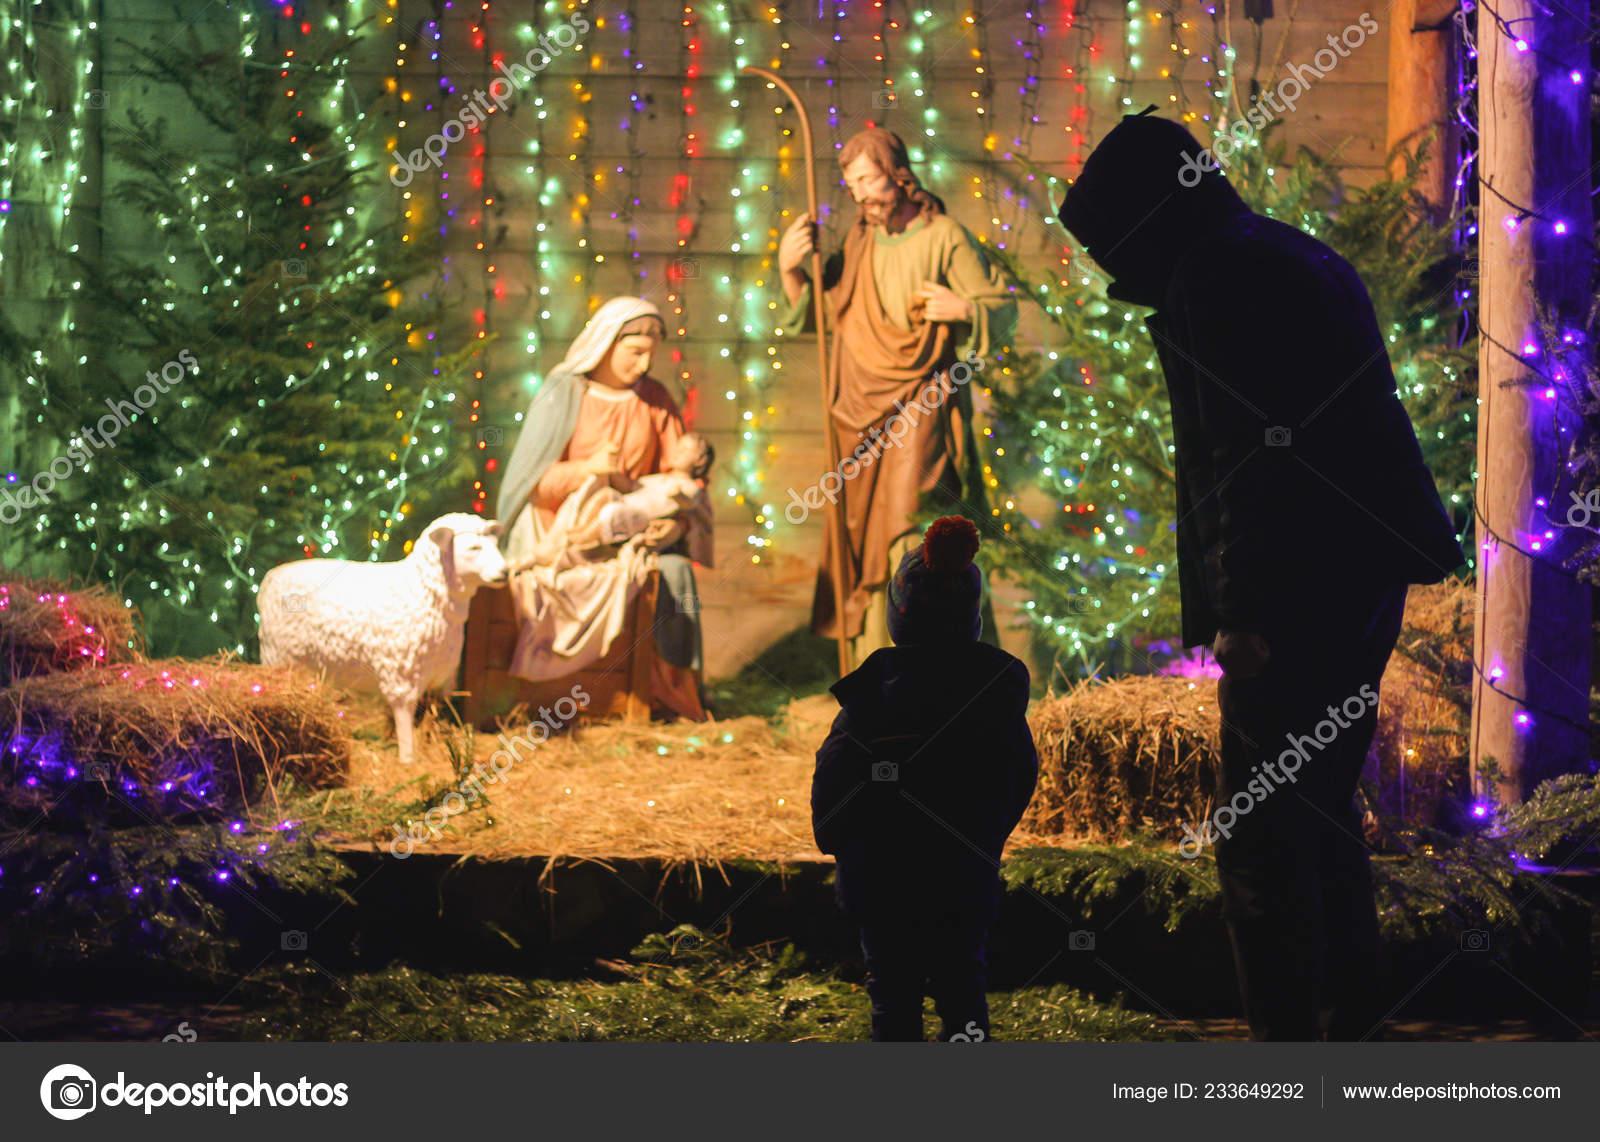 Weihnachten Krippe Bilder.Vater Und Sohn Beobachten Die Weihnachtsszene Weihnachten Krippe Mit